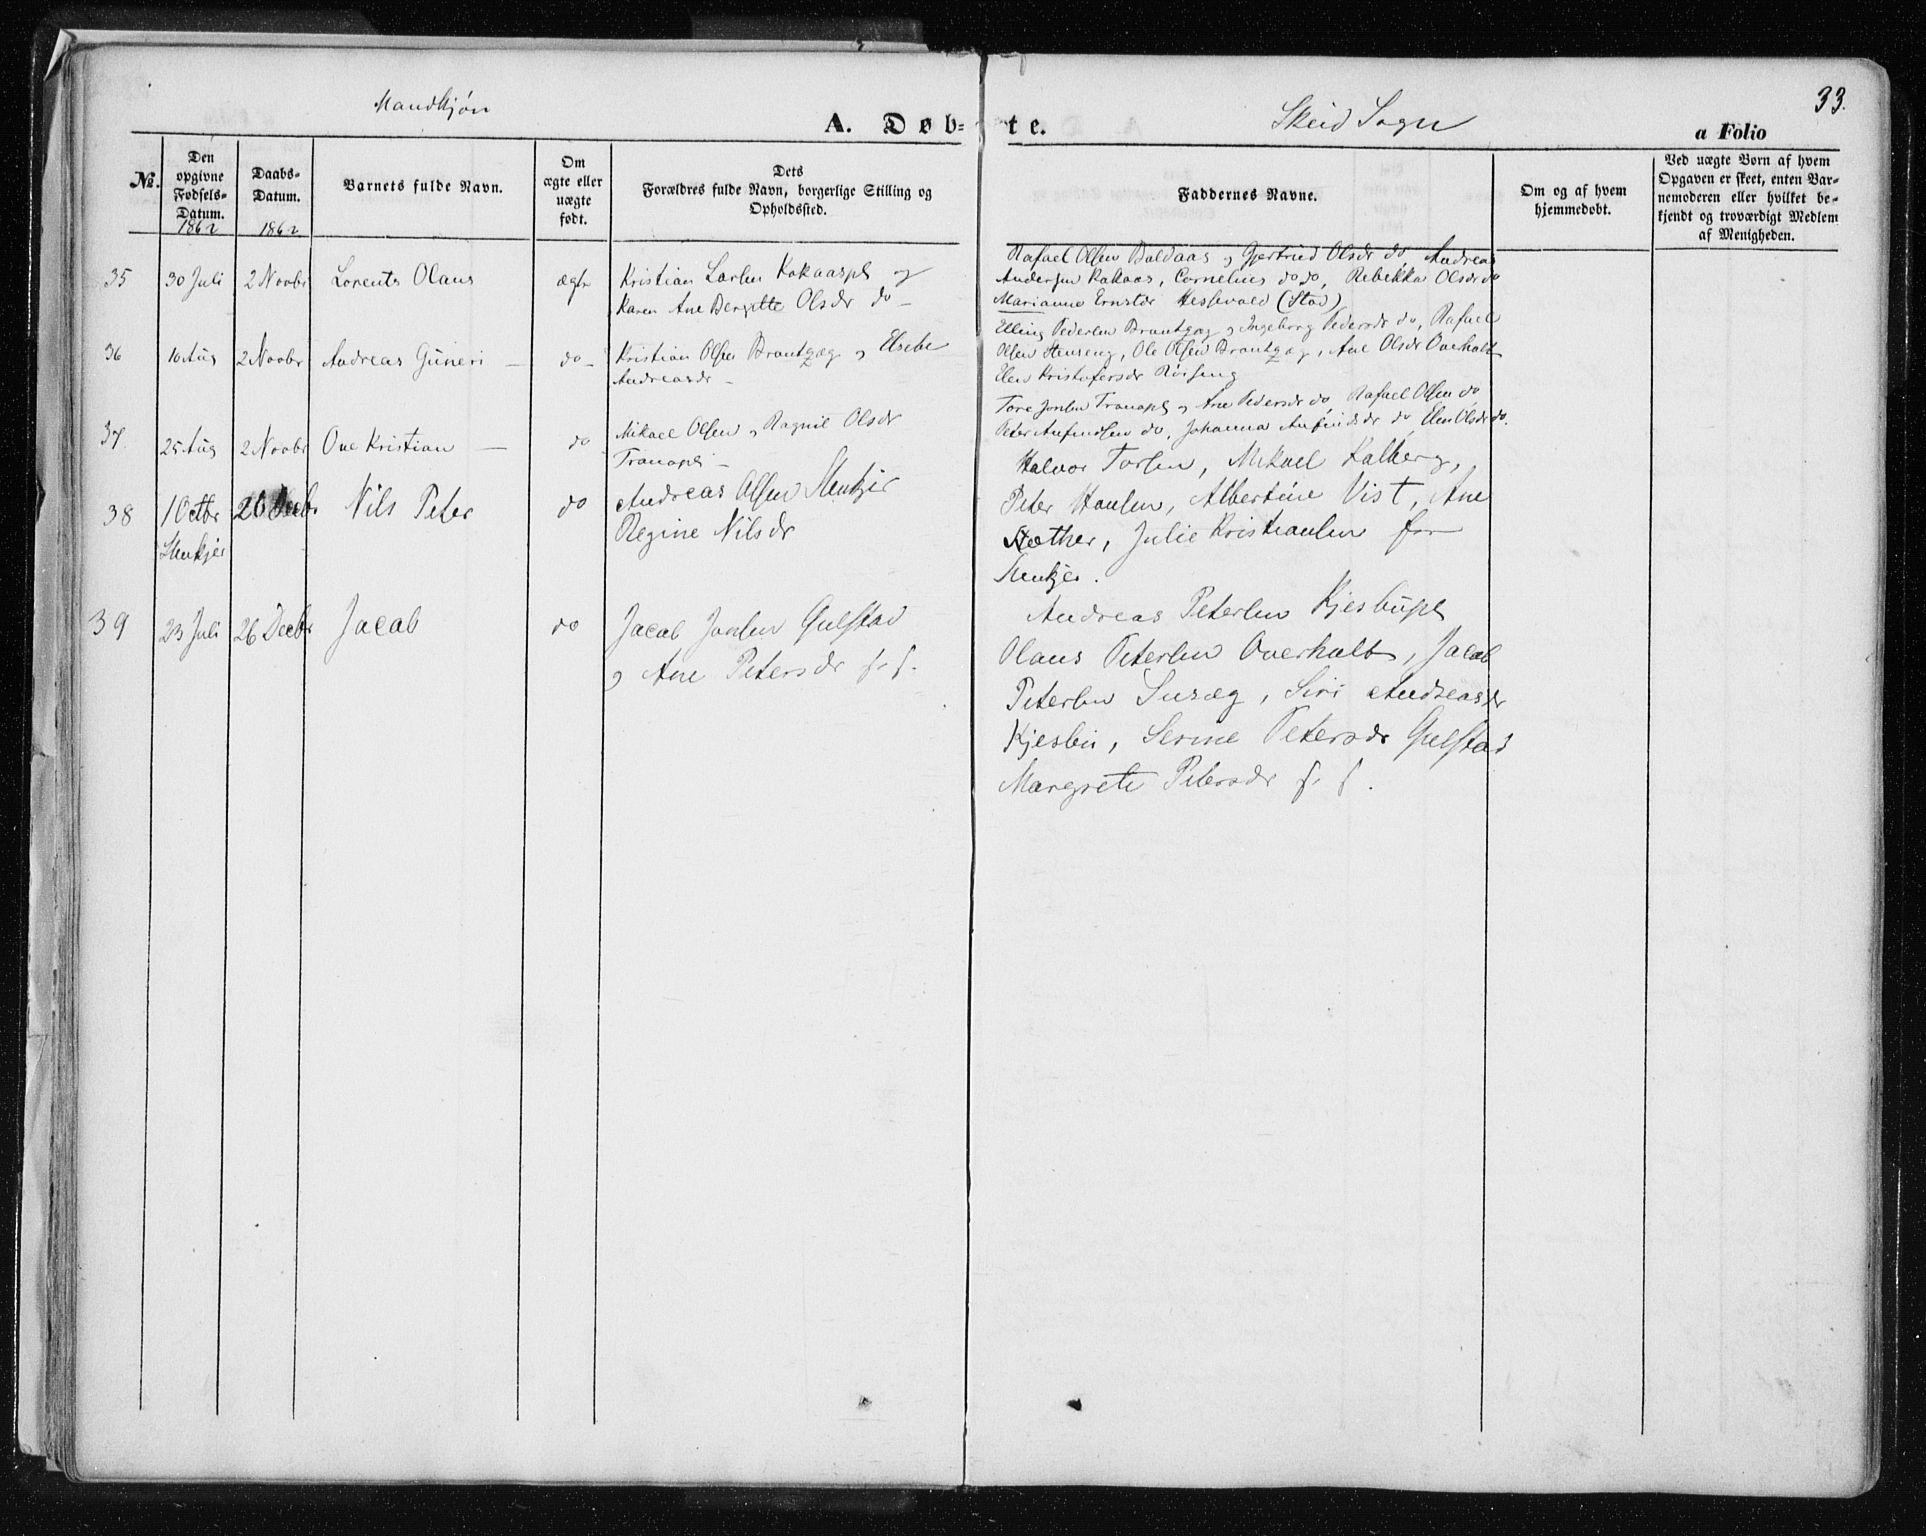 SAT, Ministerialprotokoller, klokkerbøker og fødselsregistre - Nord-Trøndelag, 735/L0342: Parish register (official) no. 735A07 /2, 1849-1862, p. 33